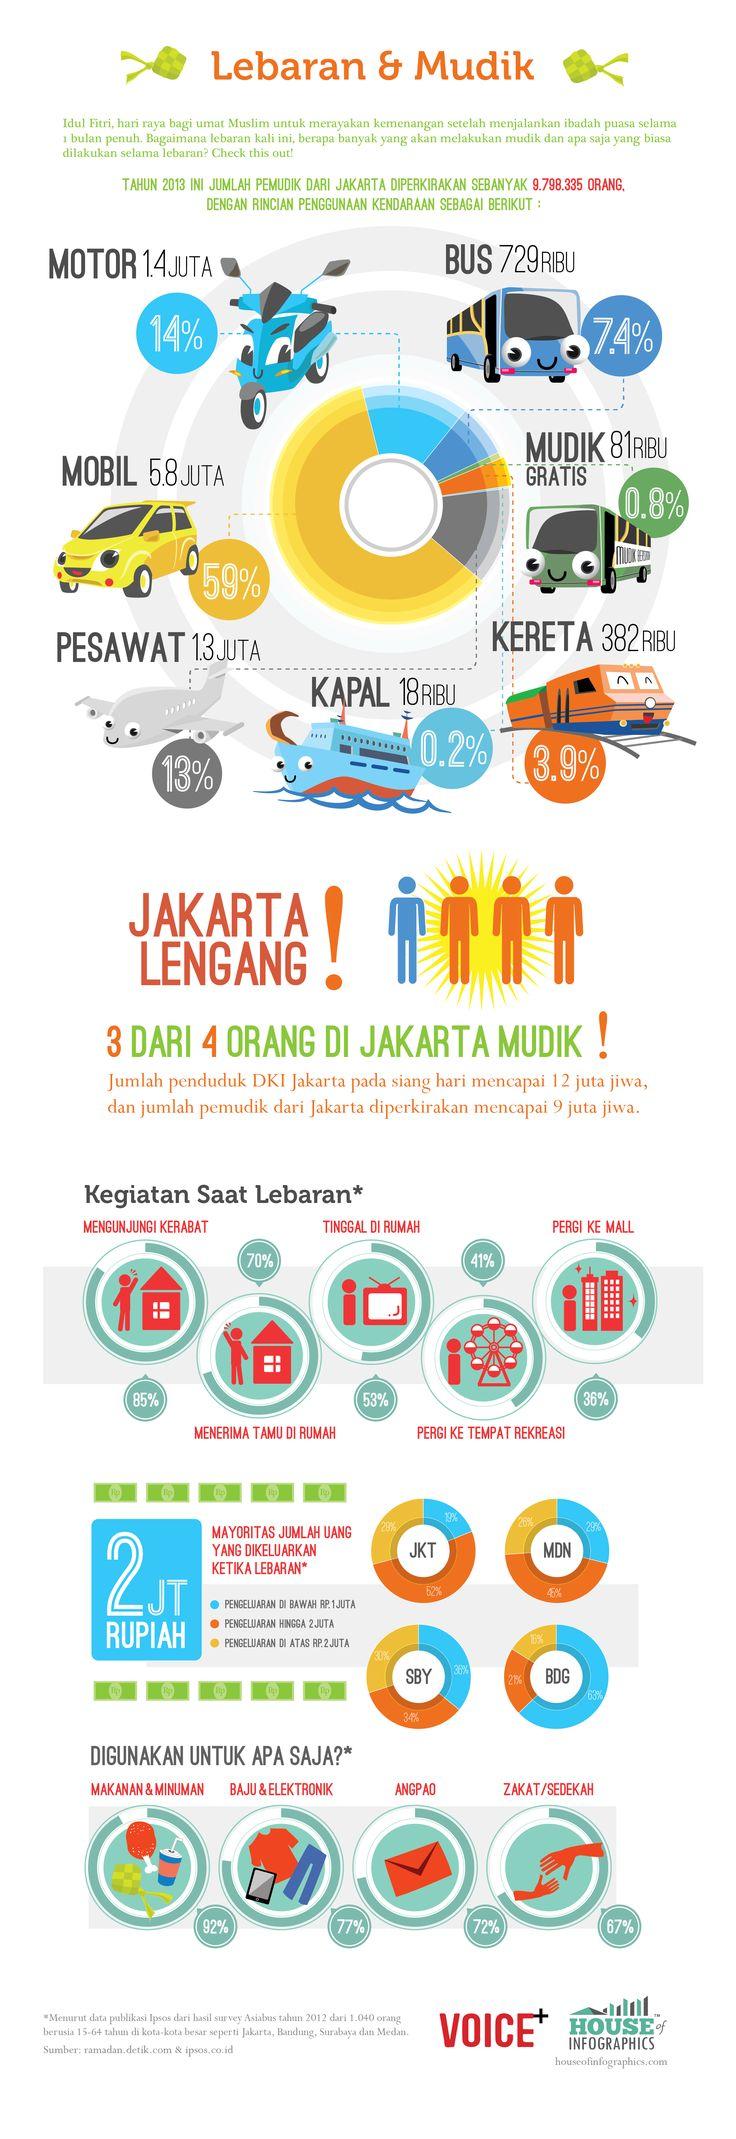 Infografis: Lebaran dan Mudik Indonesia 2013. Bahasa Indonesia.